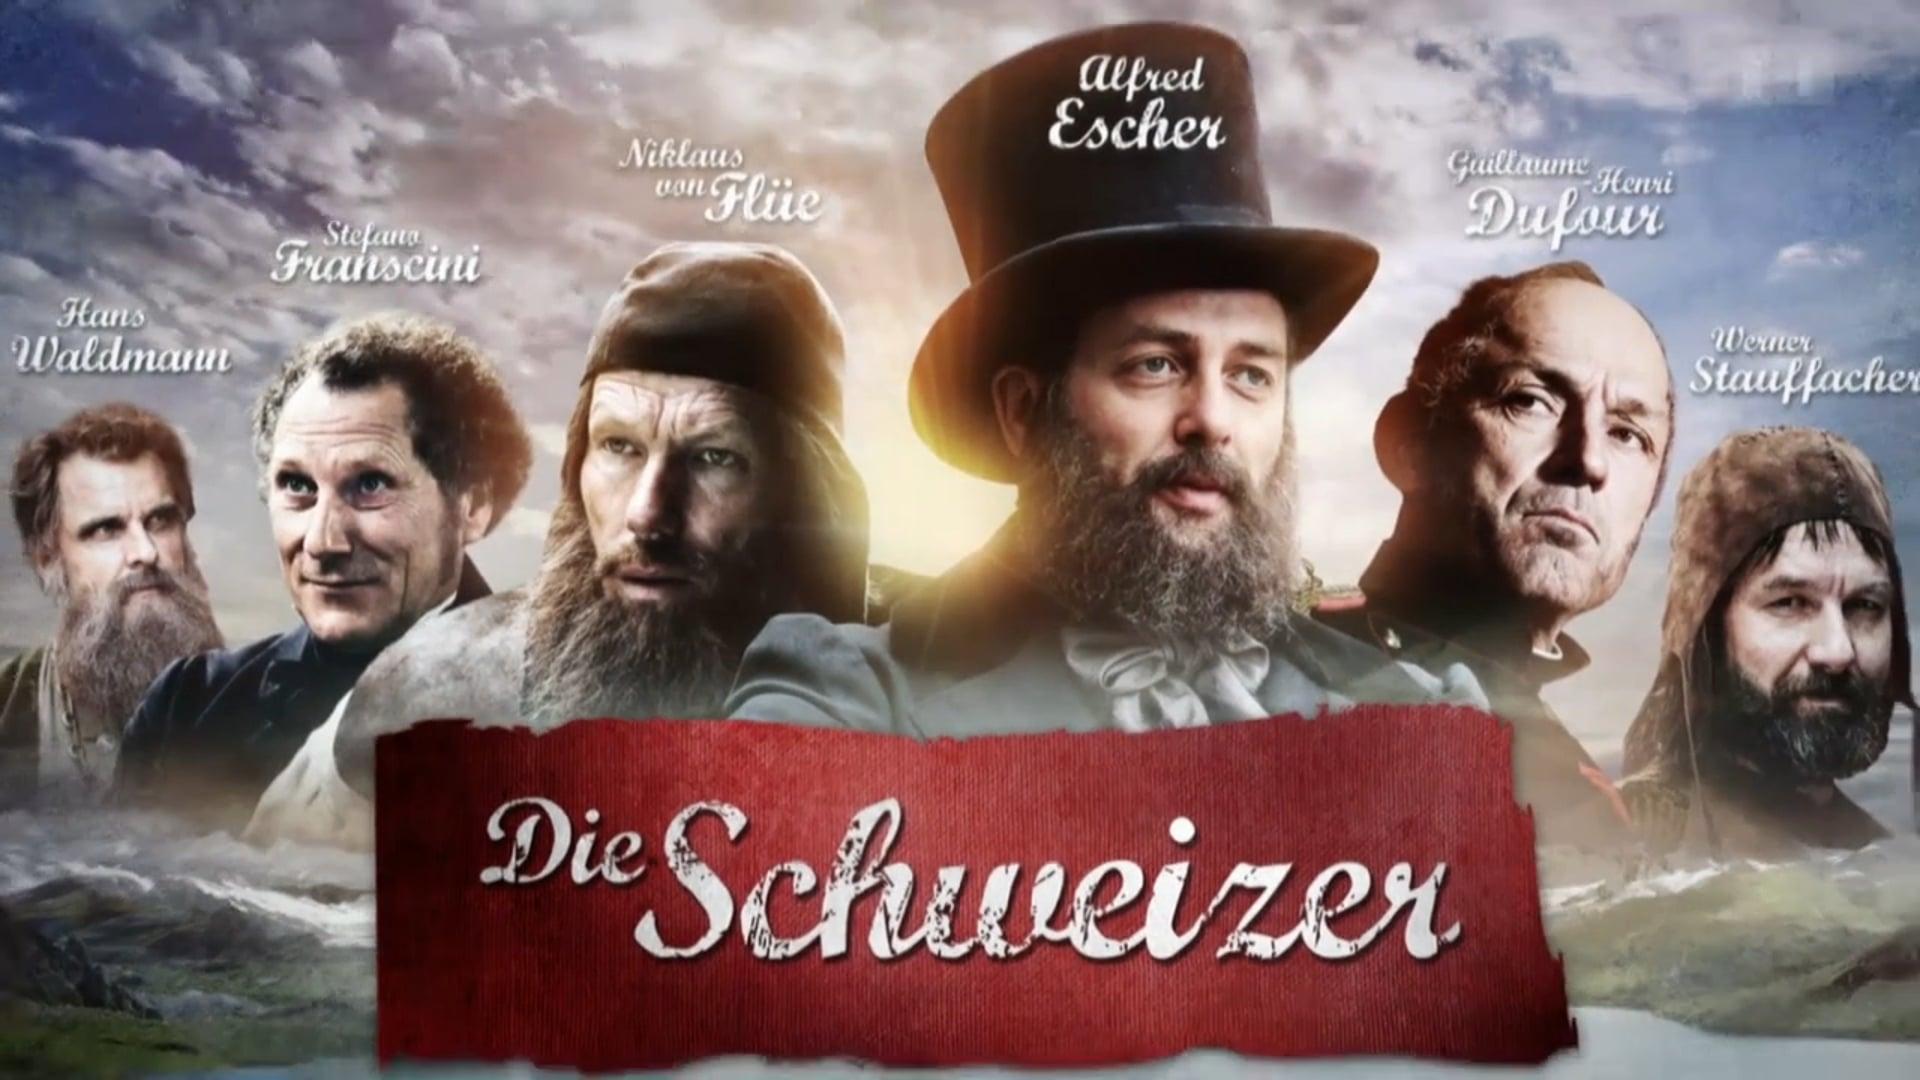 Die Schweizer: Werner Stauffacher, Alfred Escher